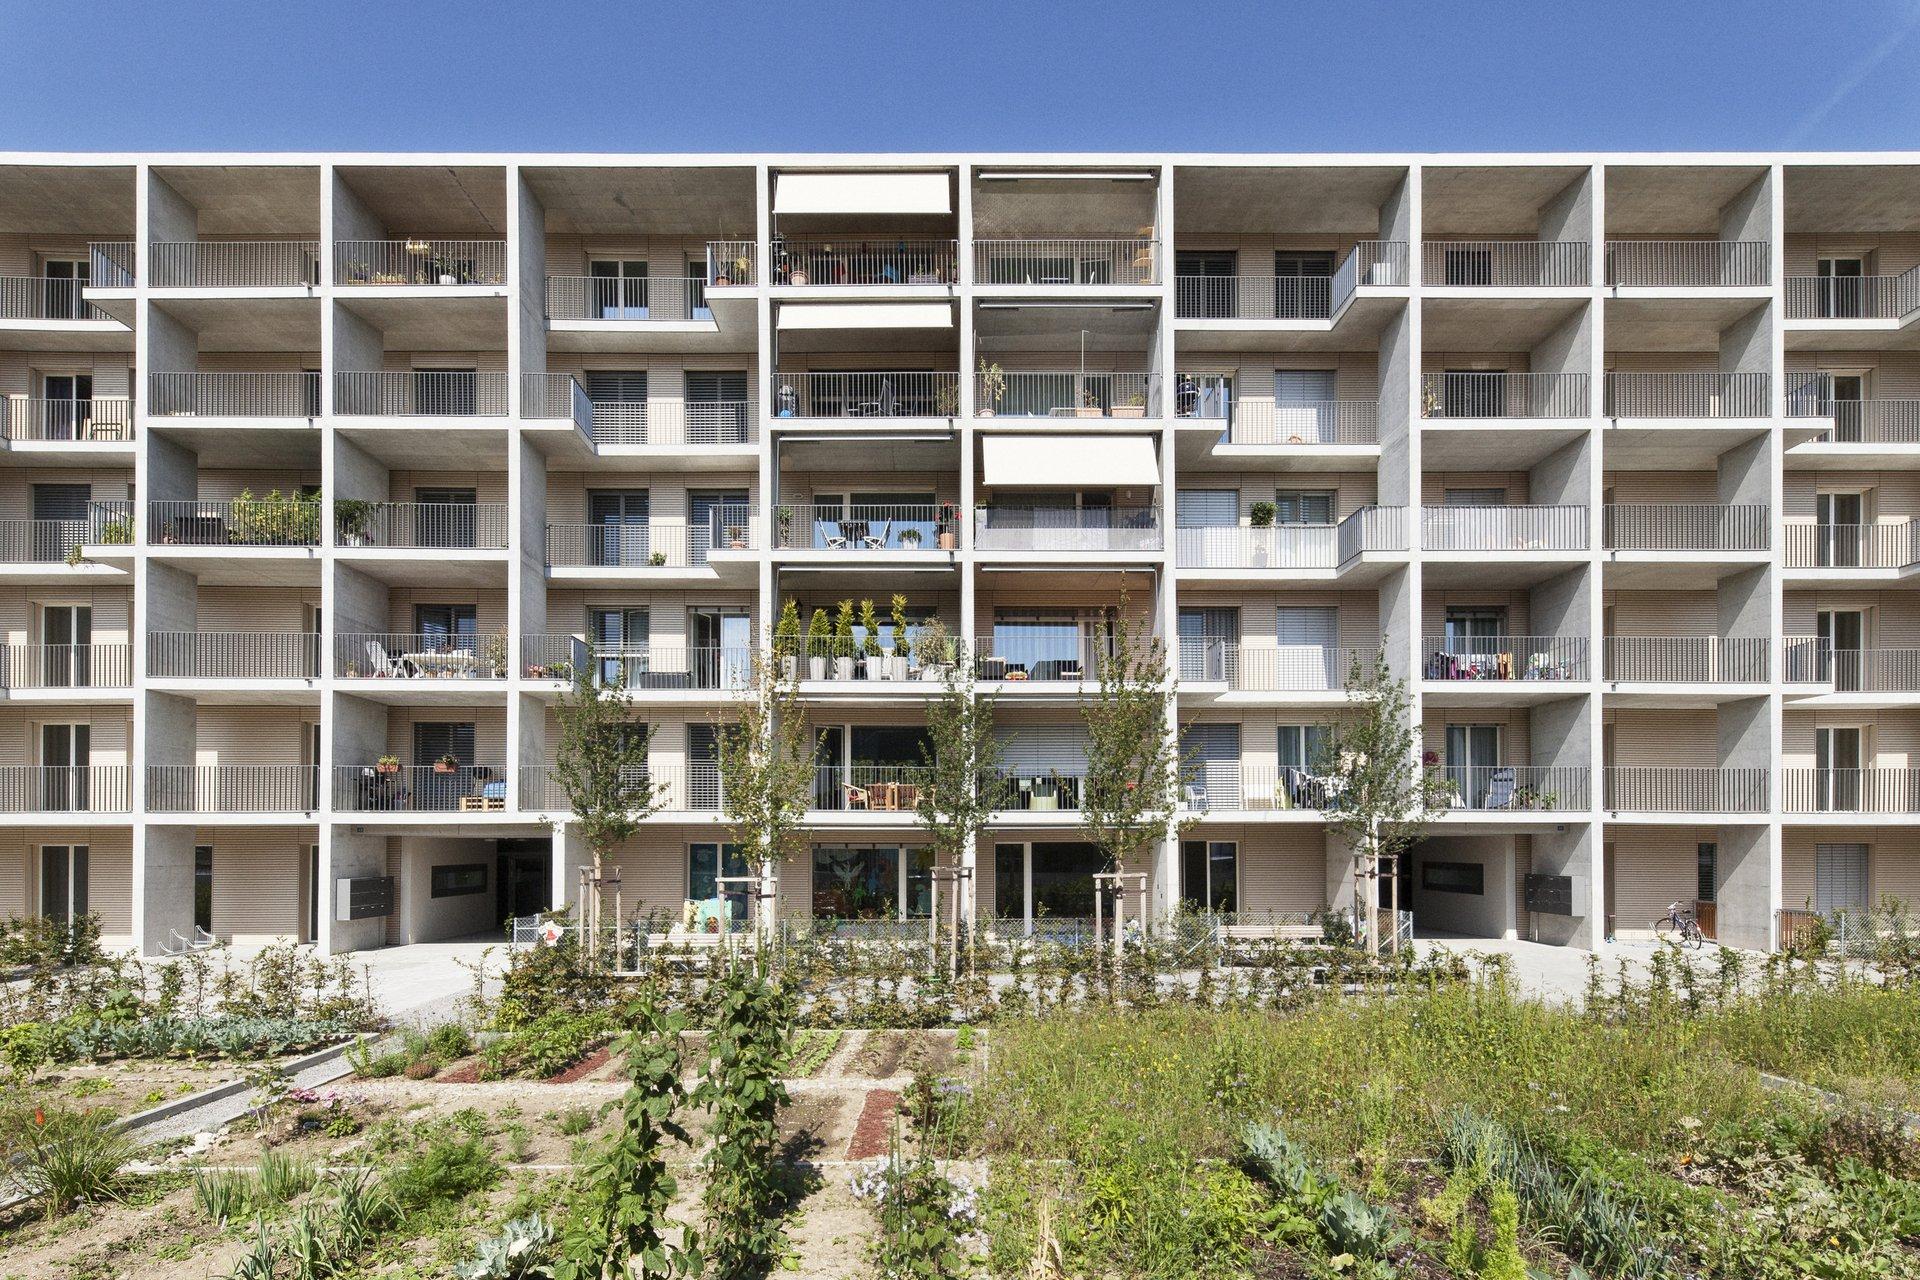 Mehrfamilienhaus mit ausreichender Balkonfläche für jede Wohnung